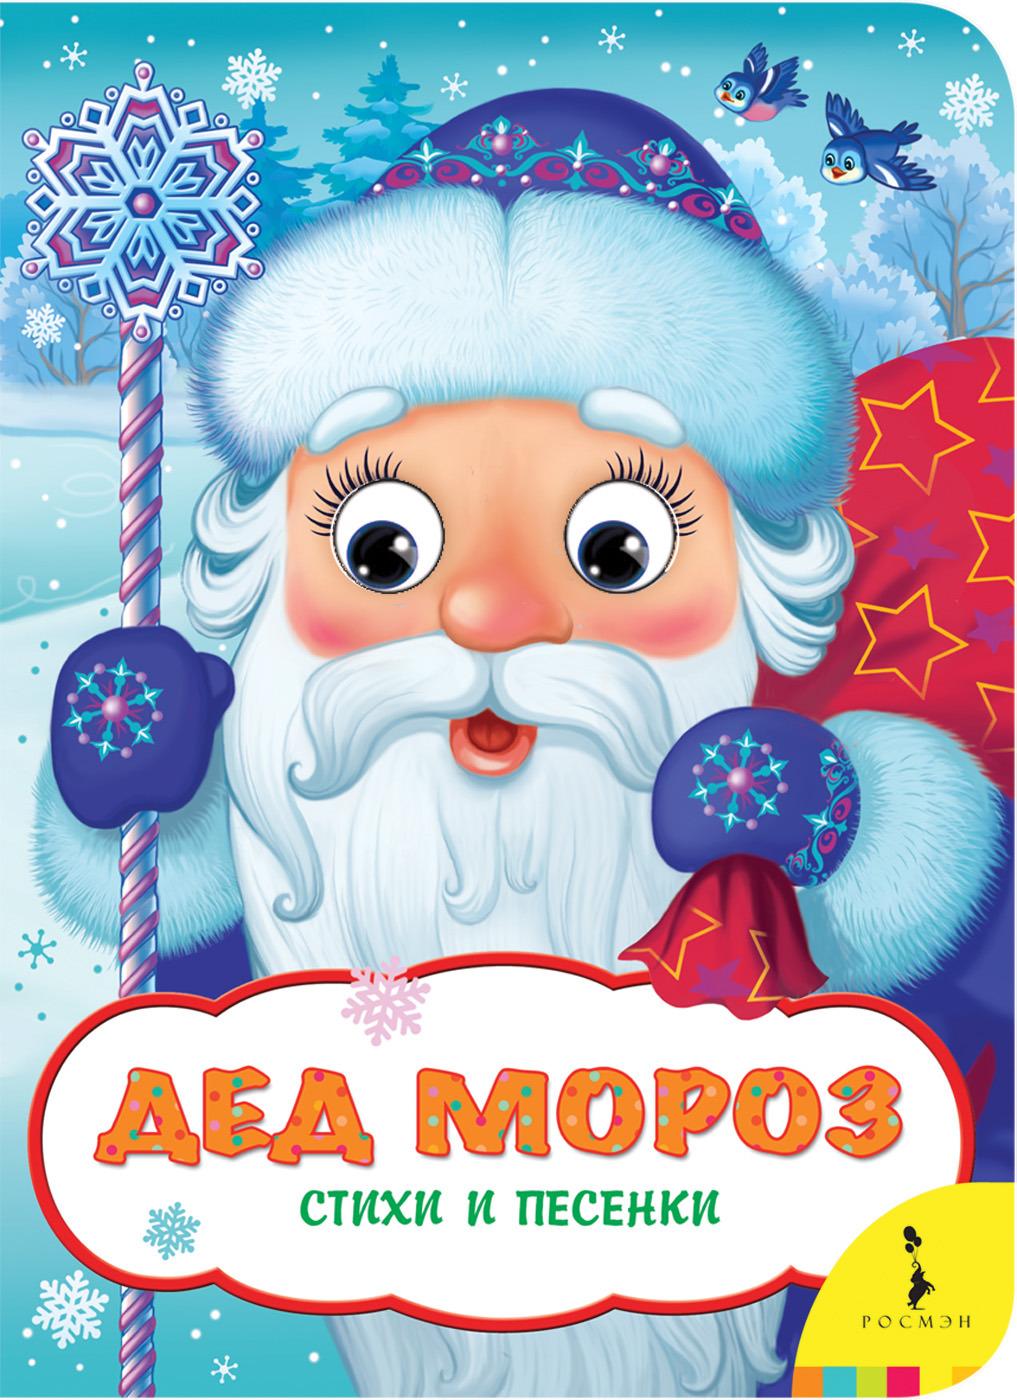 Новогодняя и рождественская тема для детей